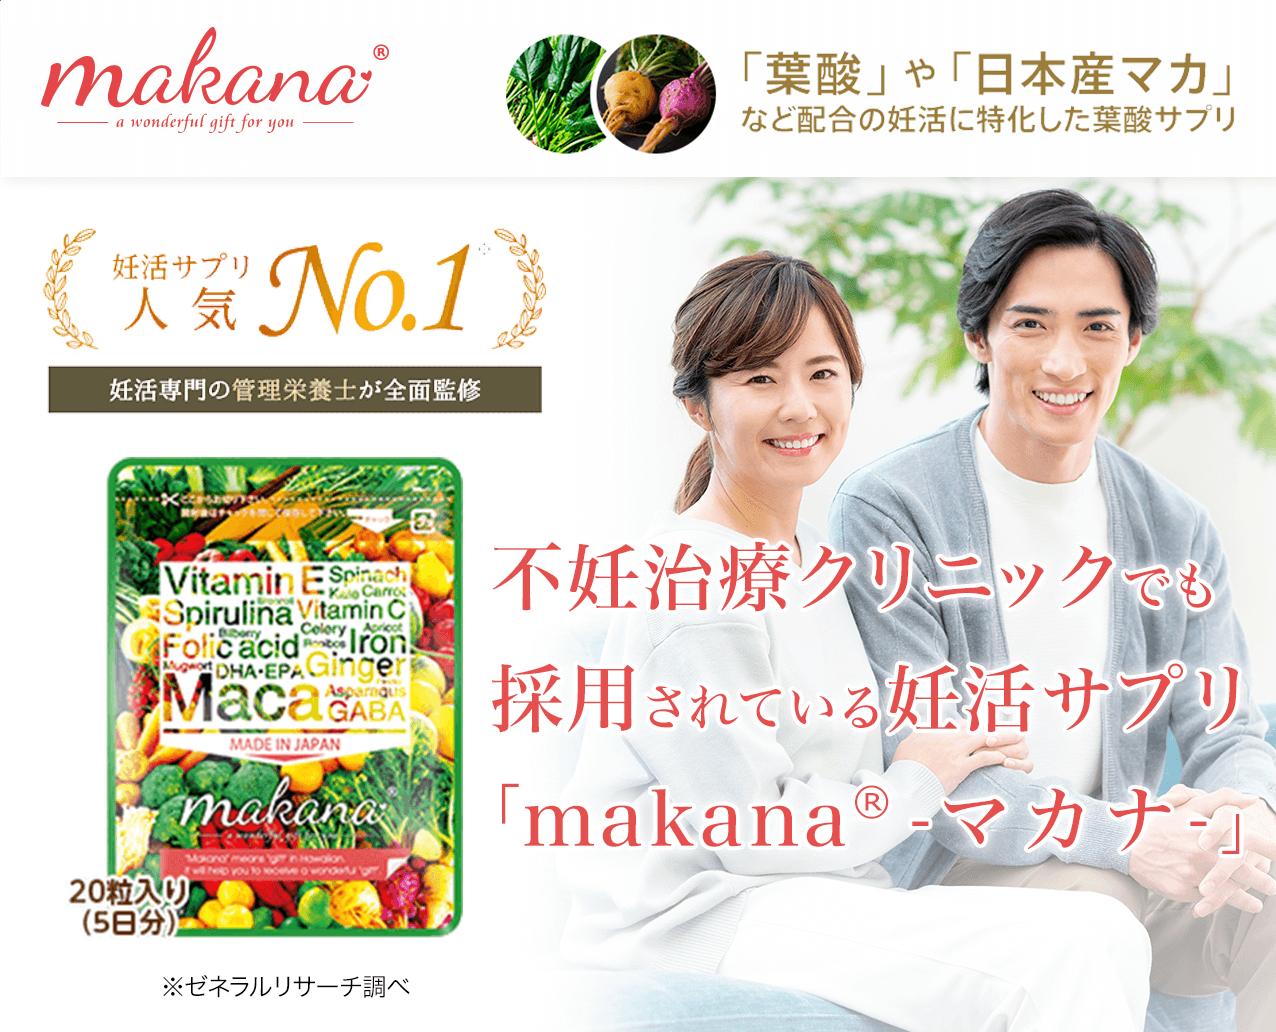 不妊治療クリニックでも採用されている妊活サプリ「makana(R)-マカナ-」